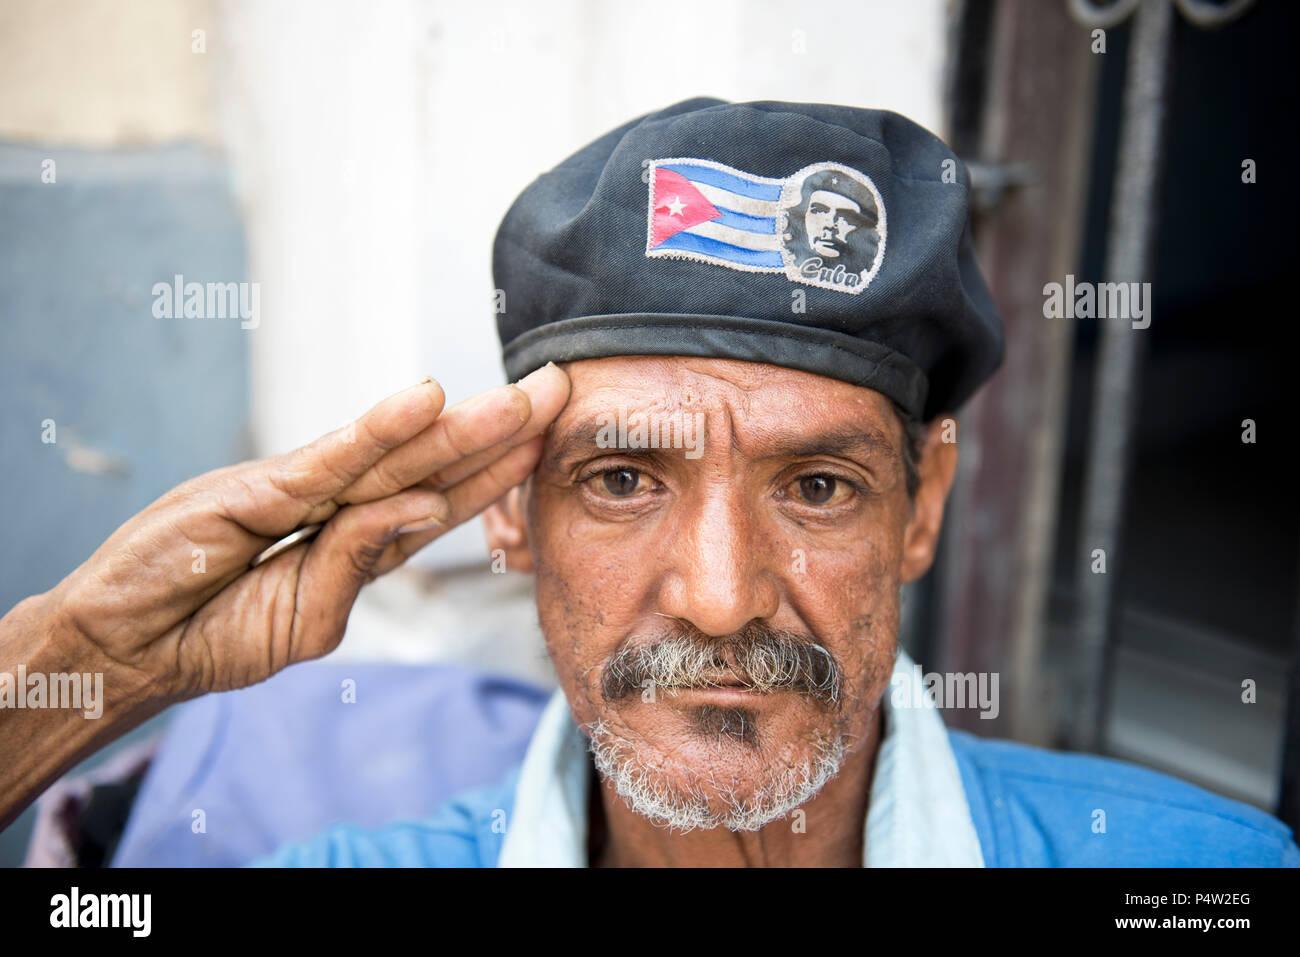 Patriota cubano saluda  el hombre es una gorra con una bandera cubana y la  imagen 490623b3cba